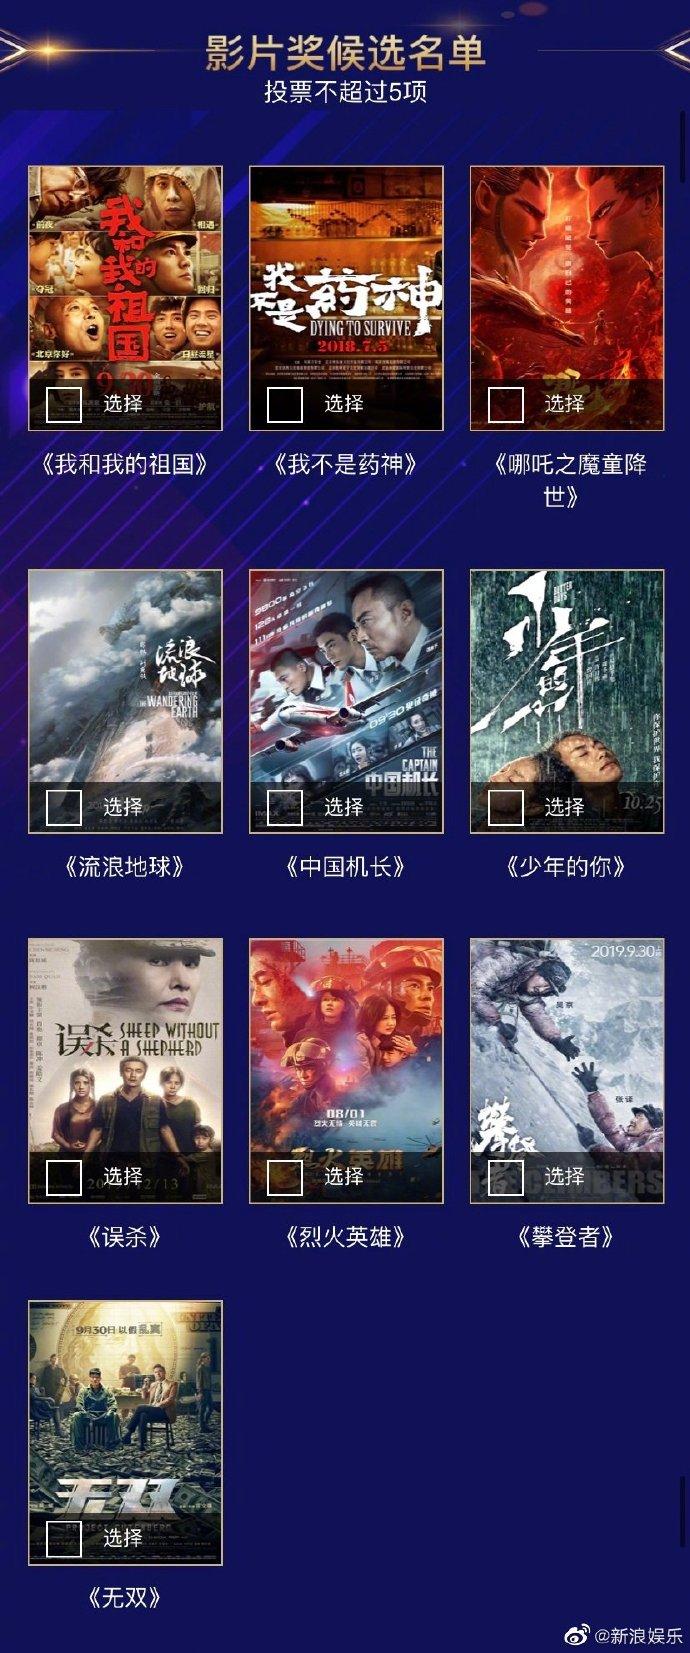 第35届大众电影百花奖启动投票 药神、哪吒、流浪地球等参评